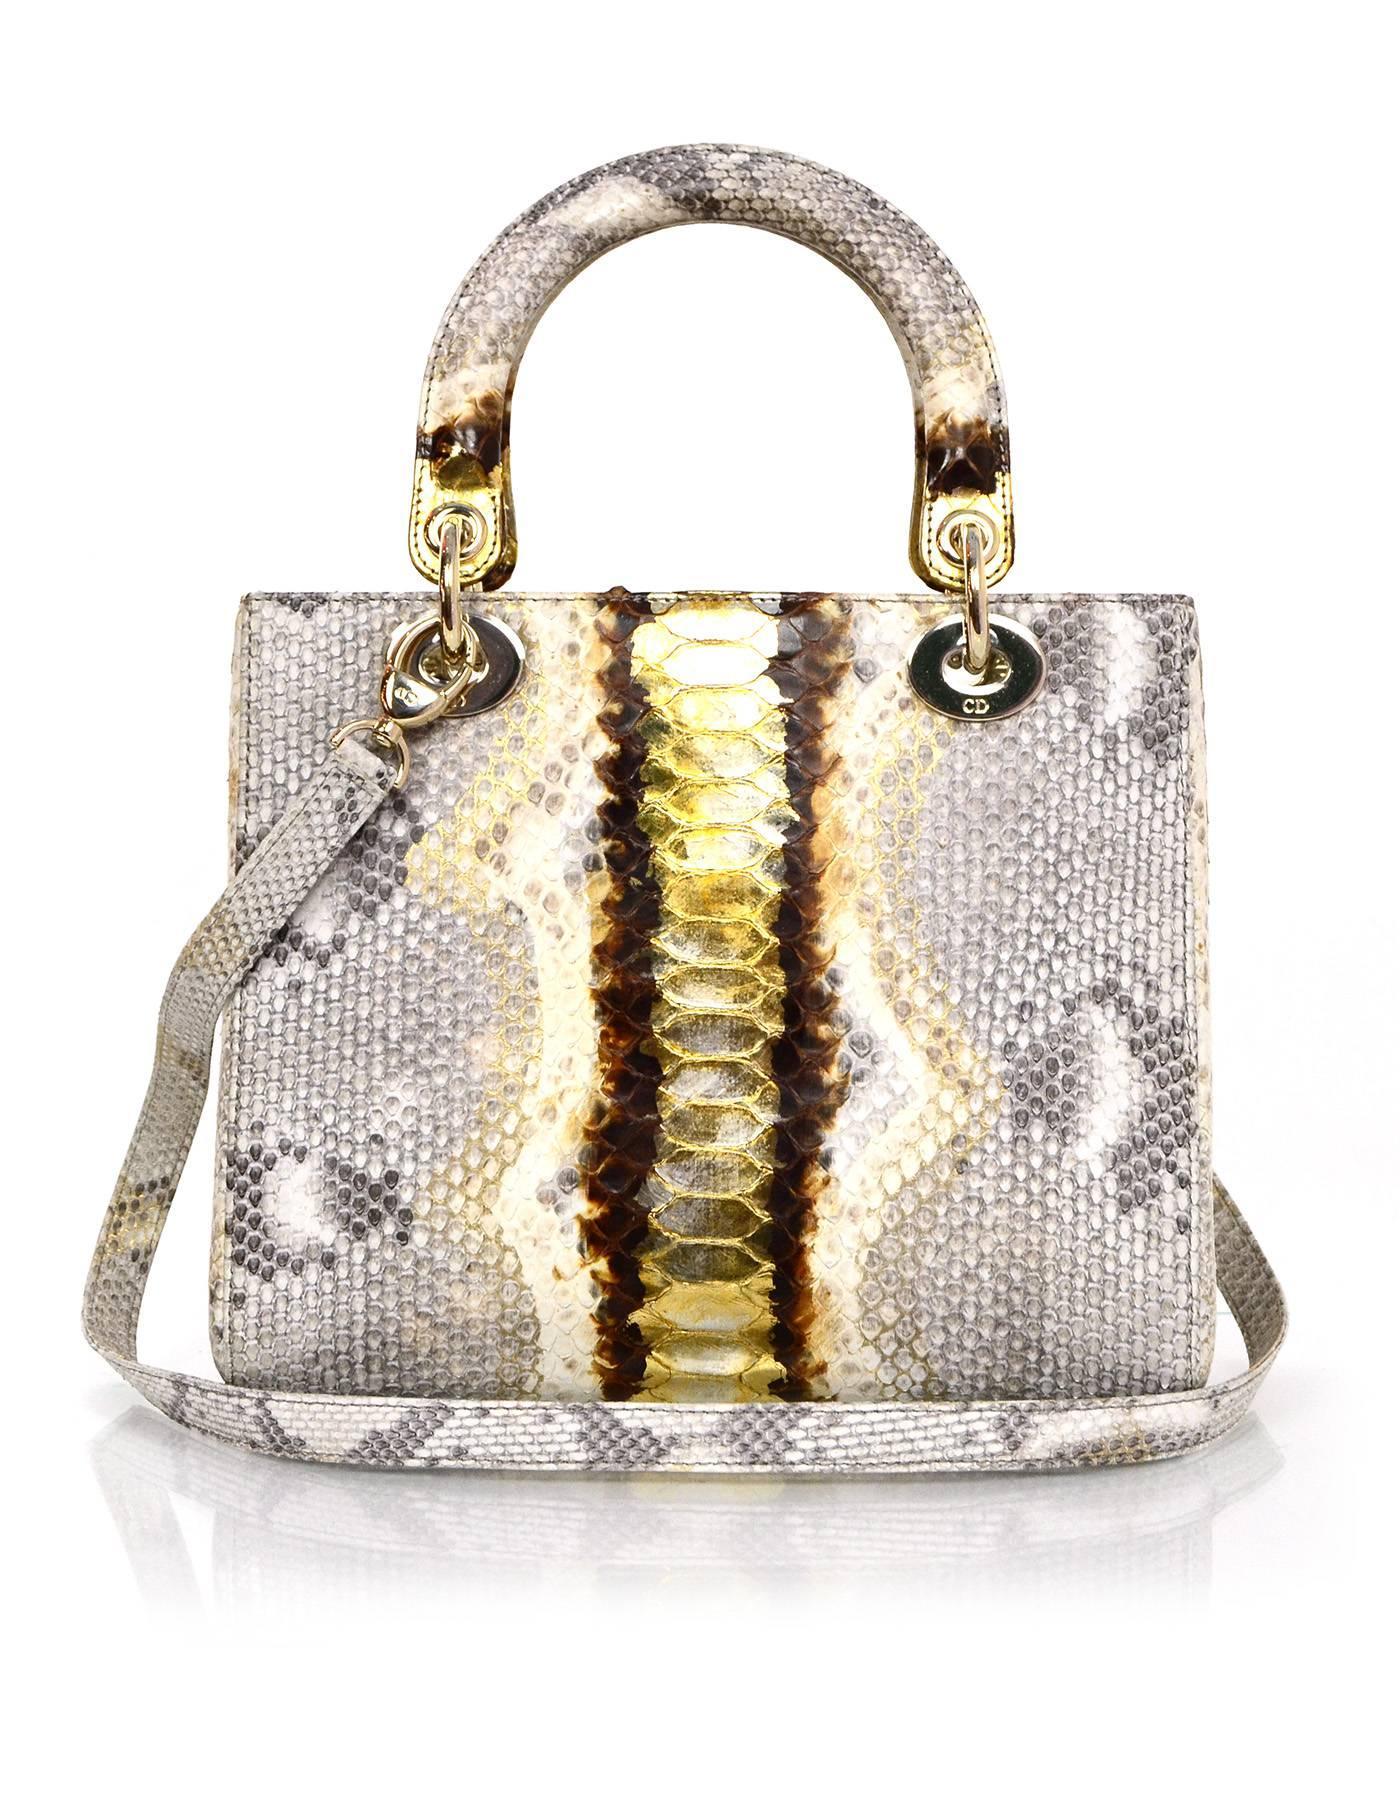 2dd62f6879ca Christian dior new python medium lady dior bag for sale at stdibs JPG  1400x1800 Lady dior